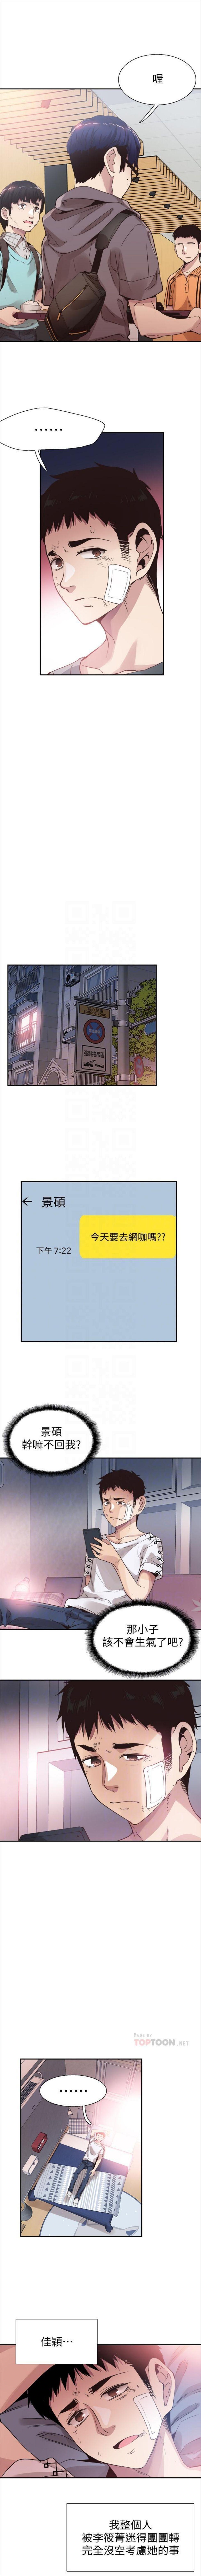 (週7)校園live秀 1-50 中文翻譯(更新中) 298